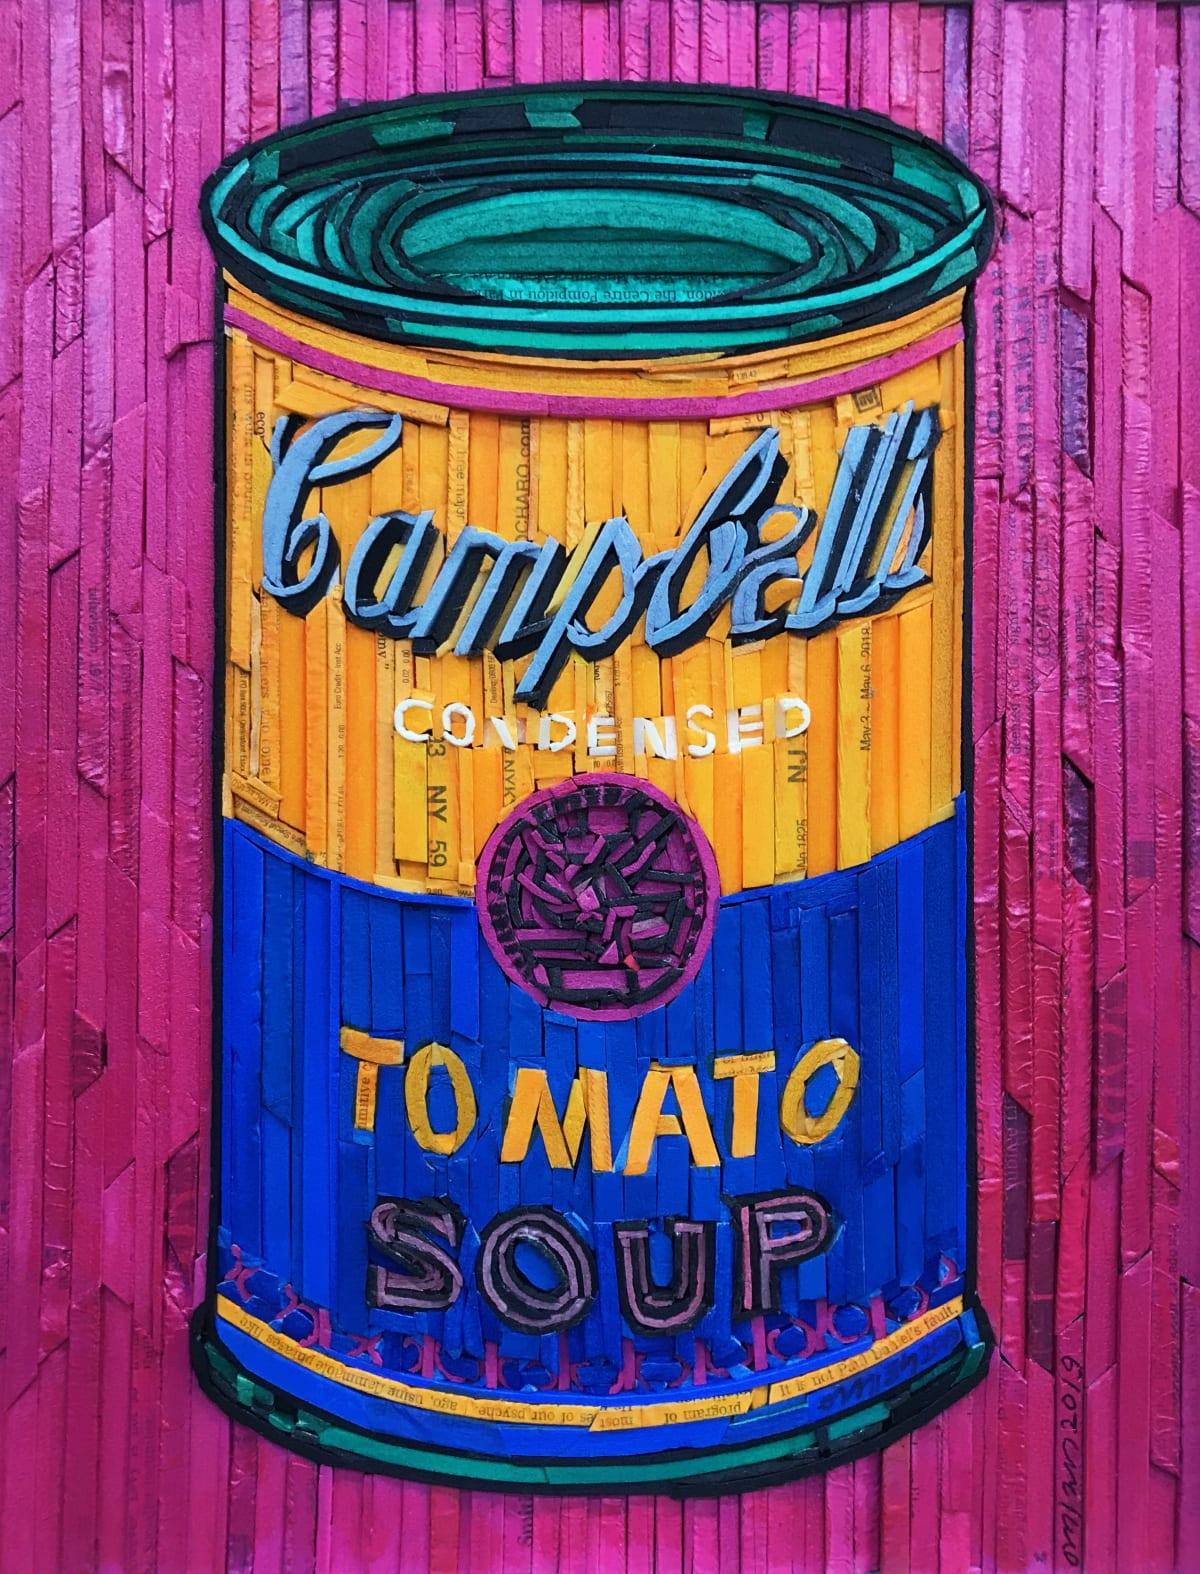 Kyu-Hak Lee, Monument - Campbells Soup (Orange & Blue), 2019